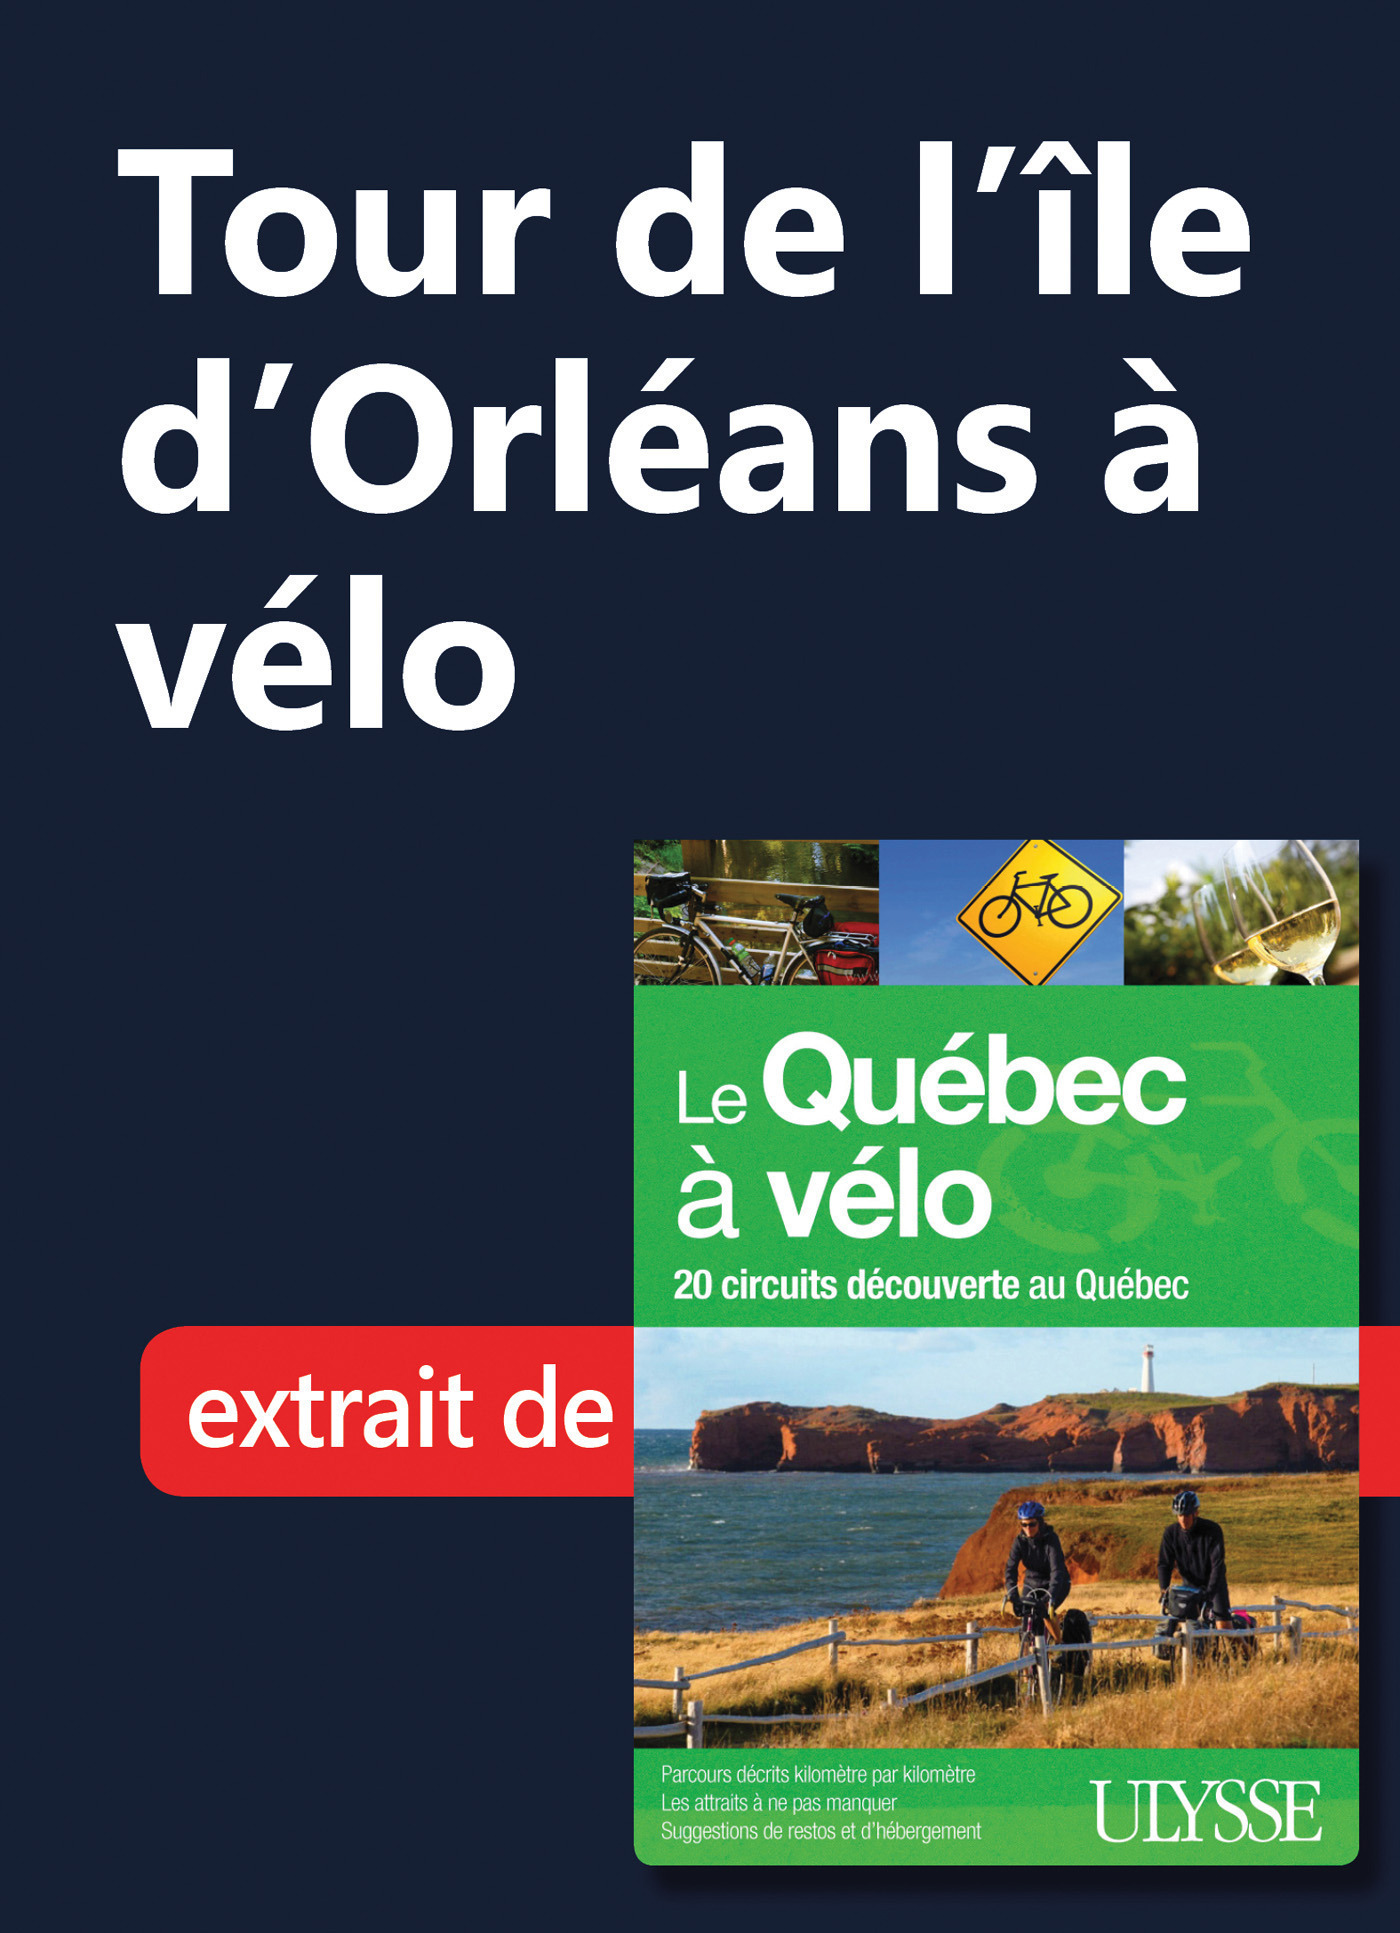 Tour de l'Ile d'Orléans à vélo